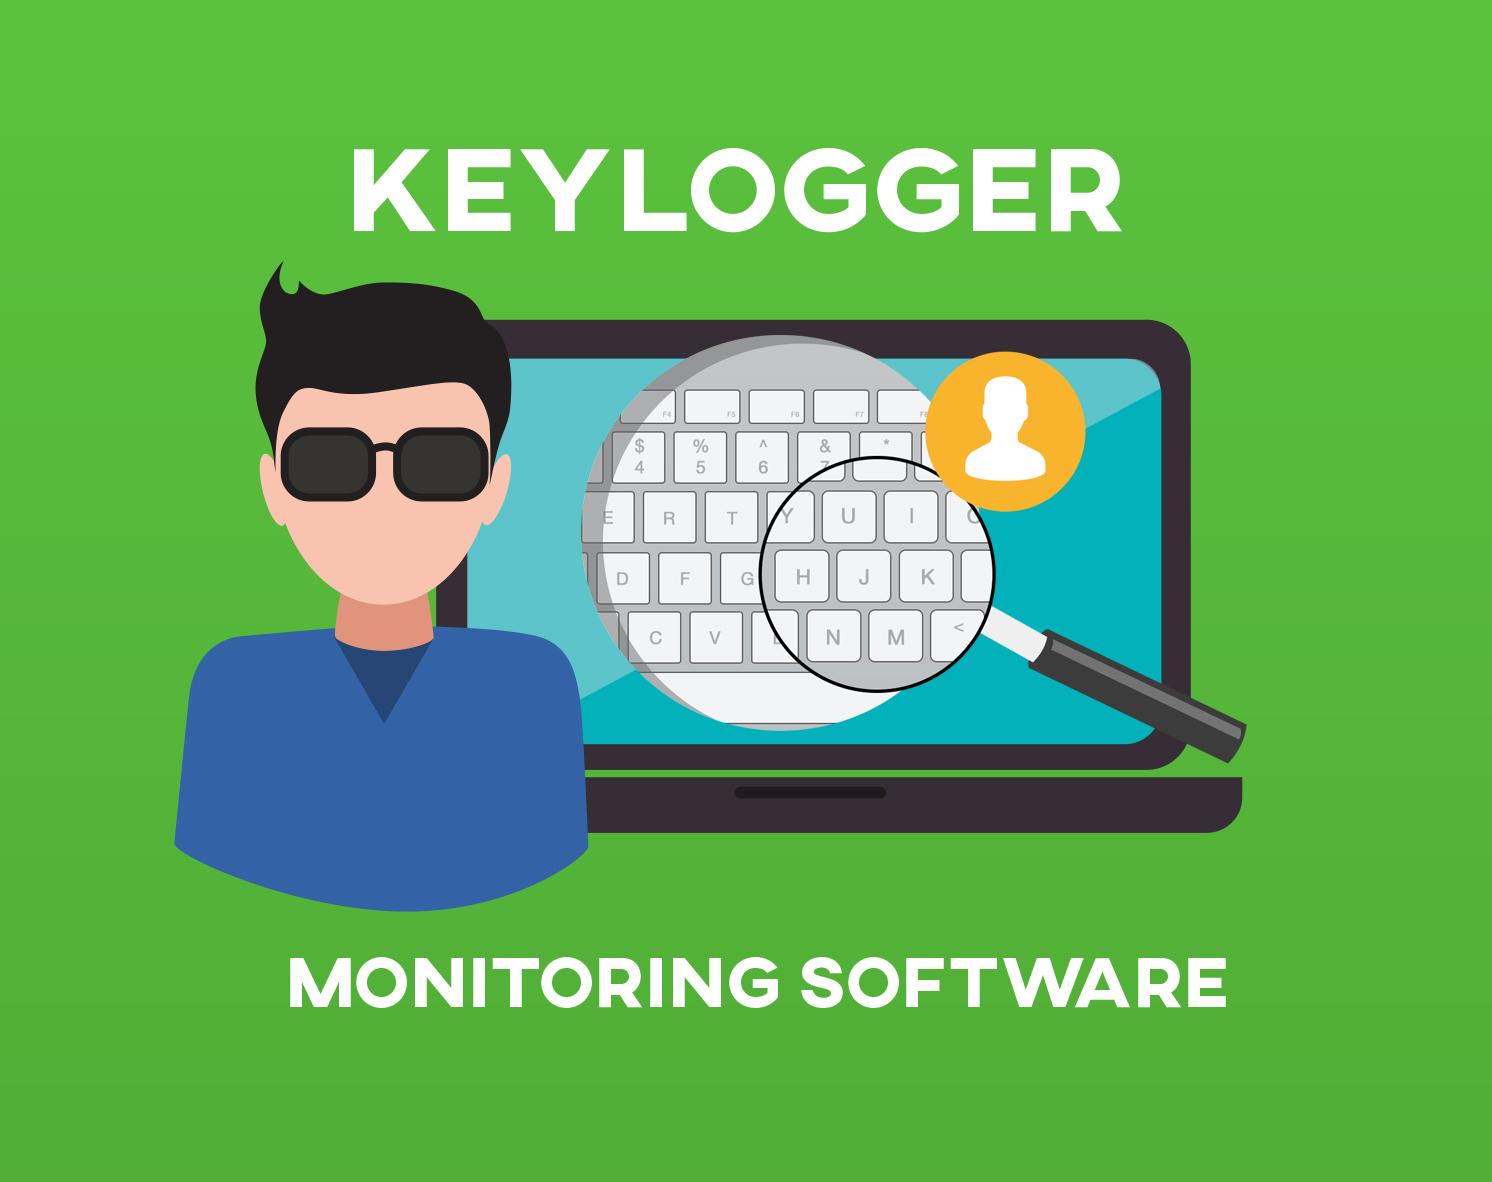 Bilgisayarda (Keylogger) Casus Bulma ve Temizleme